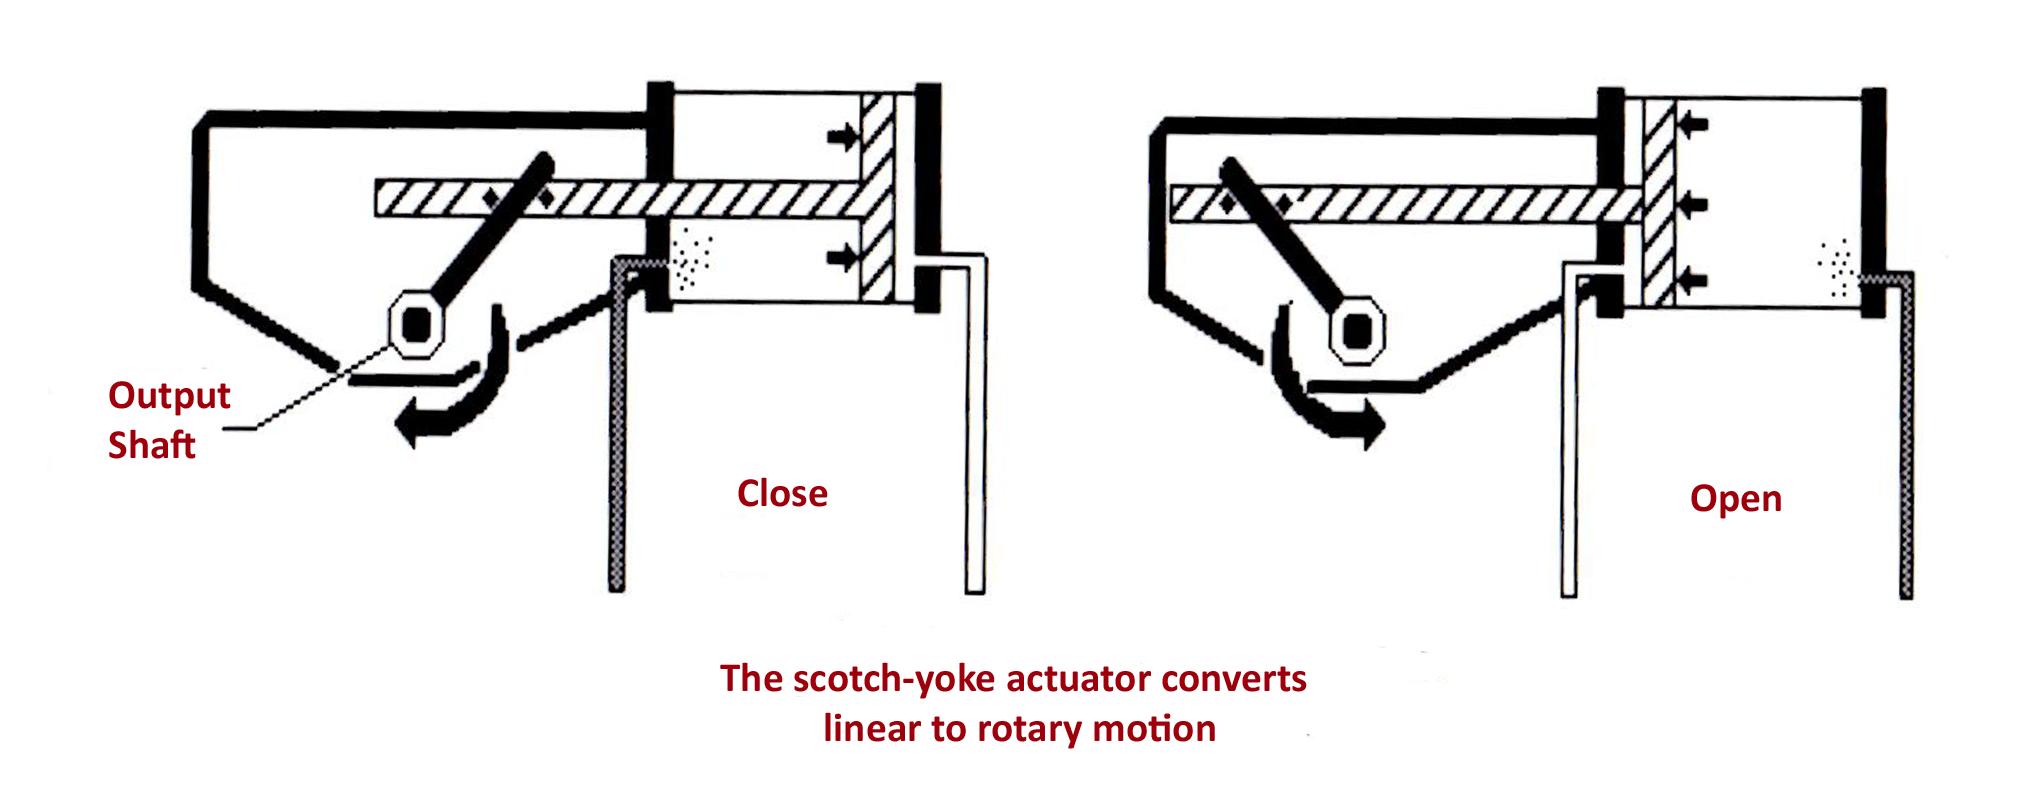 Scotch-Yoke Piston Actuators - Assured Automation